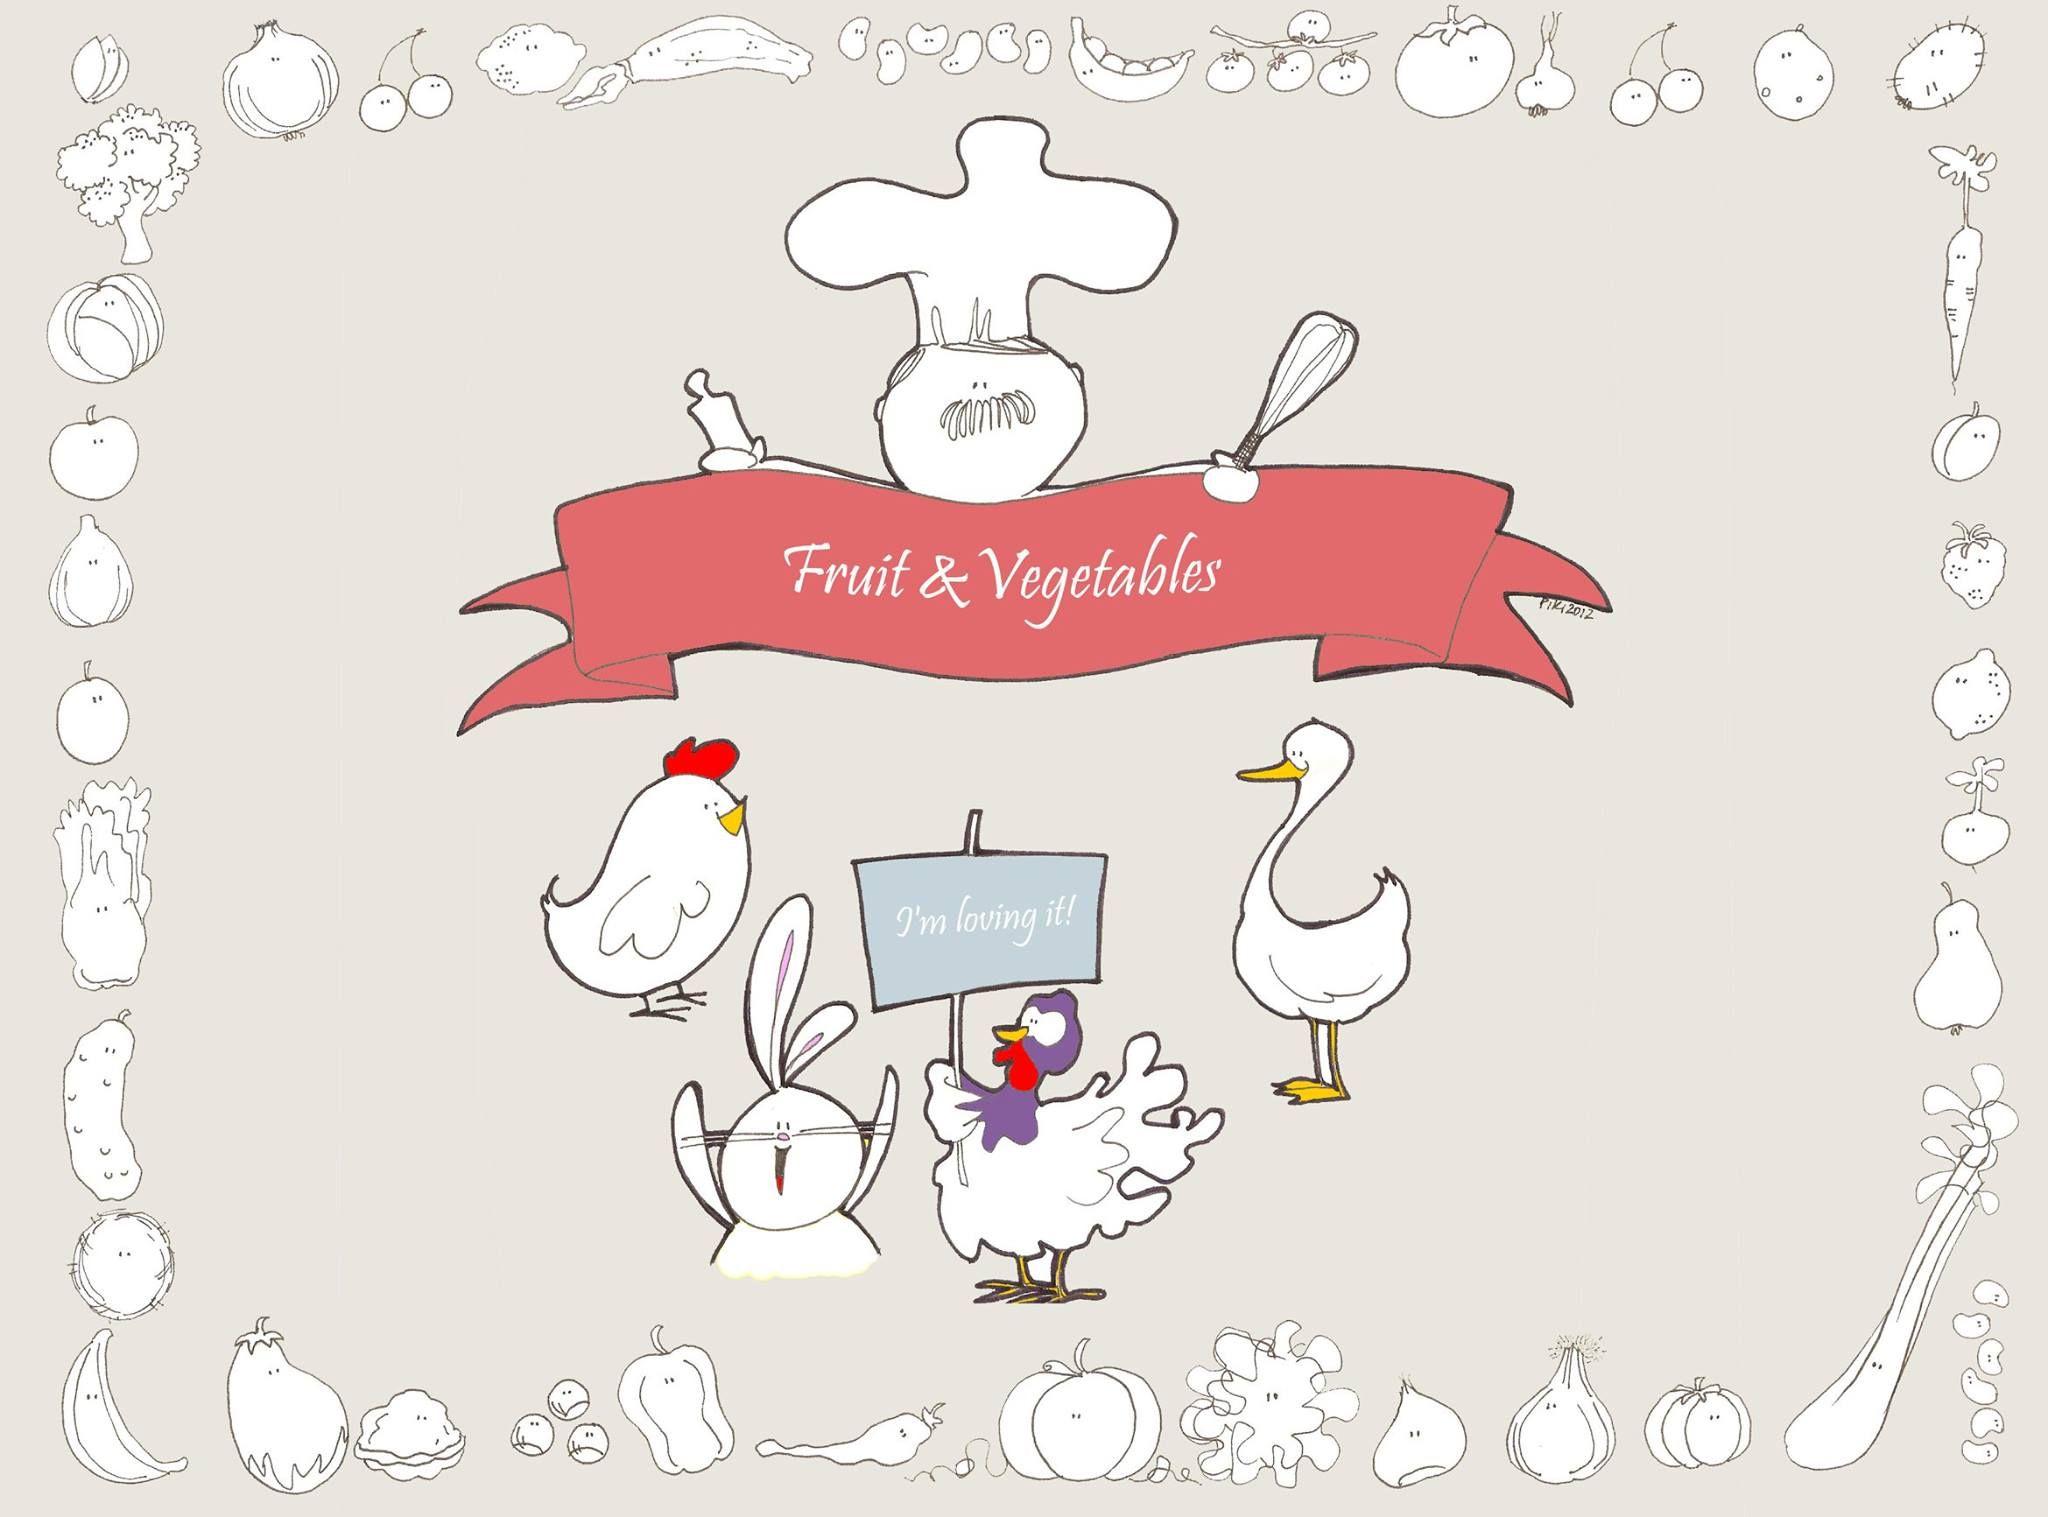 #Piki #Illustration #Fruit & #Vegetables #Cook #hen #rabbit #goose #turkey